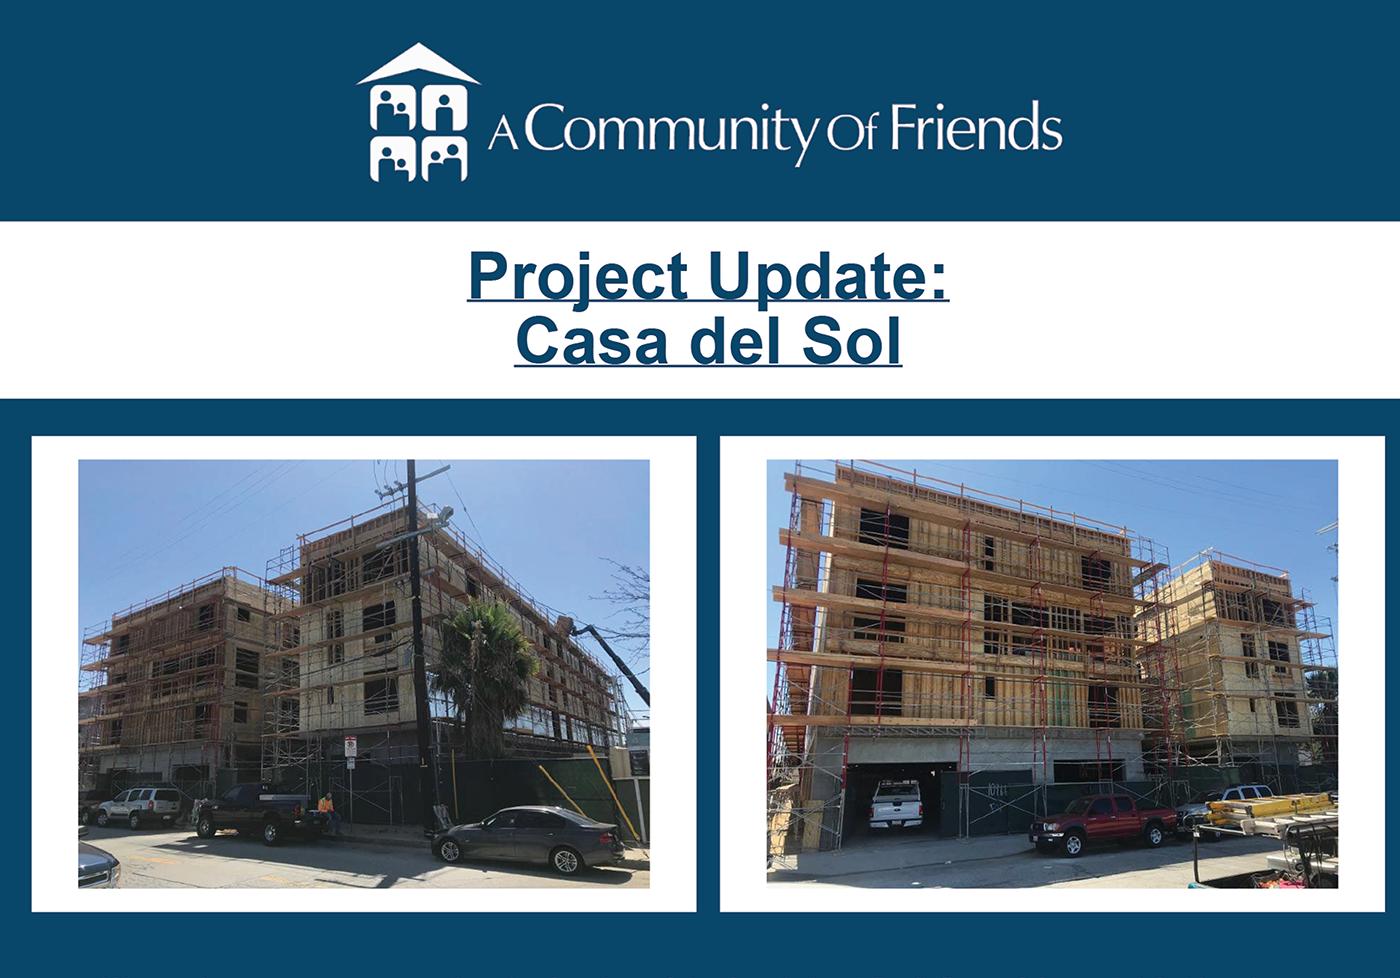 Project Update: Casa del Sol